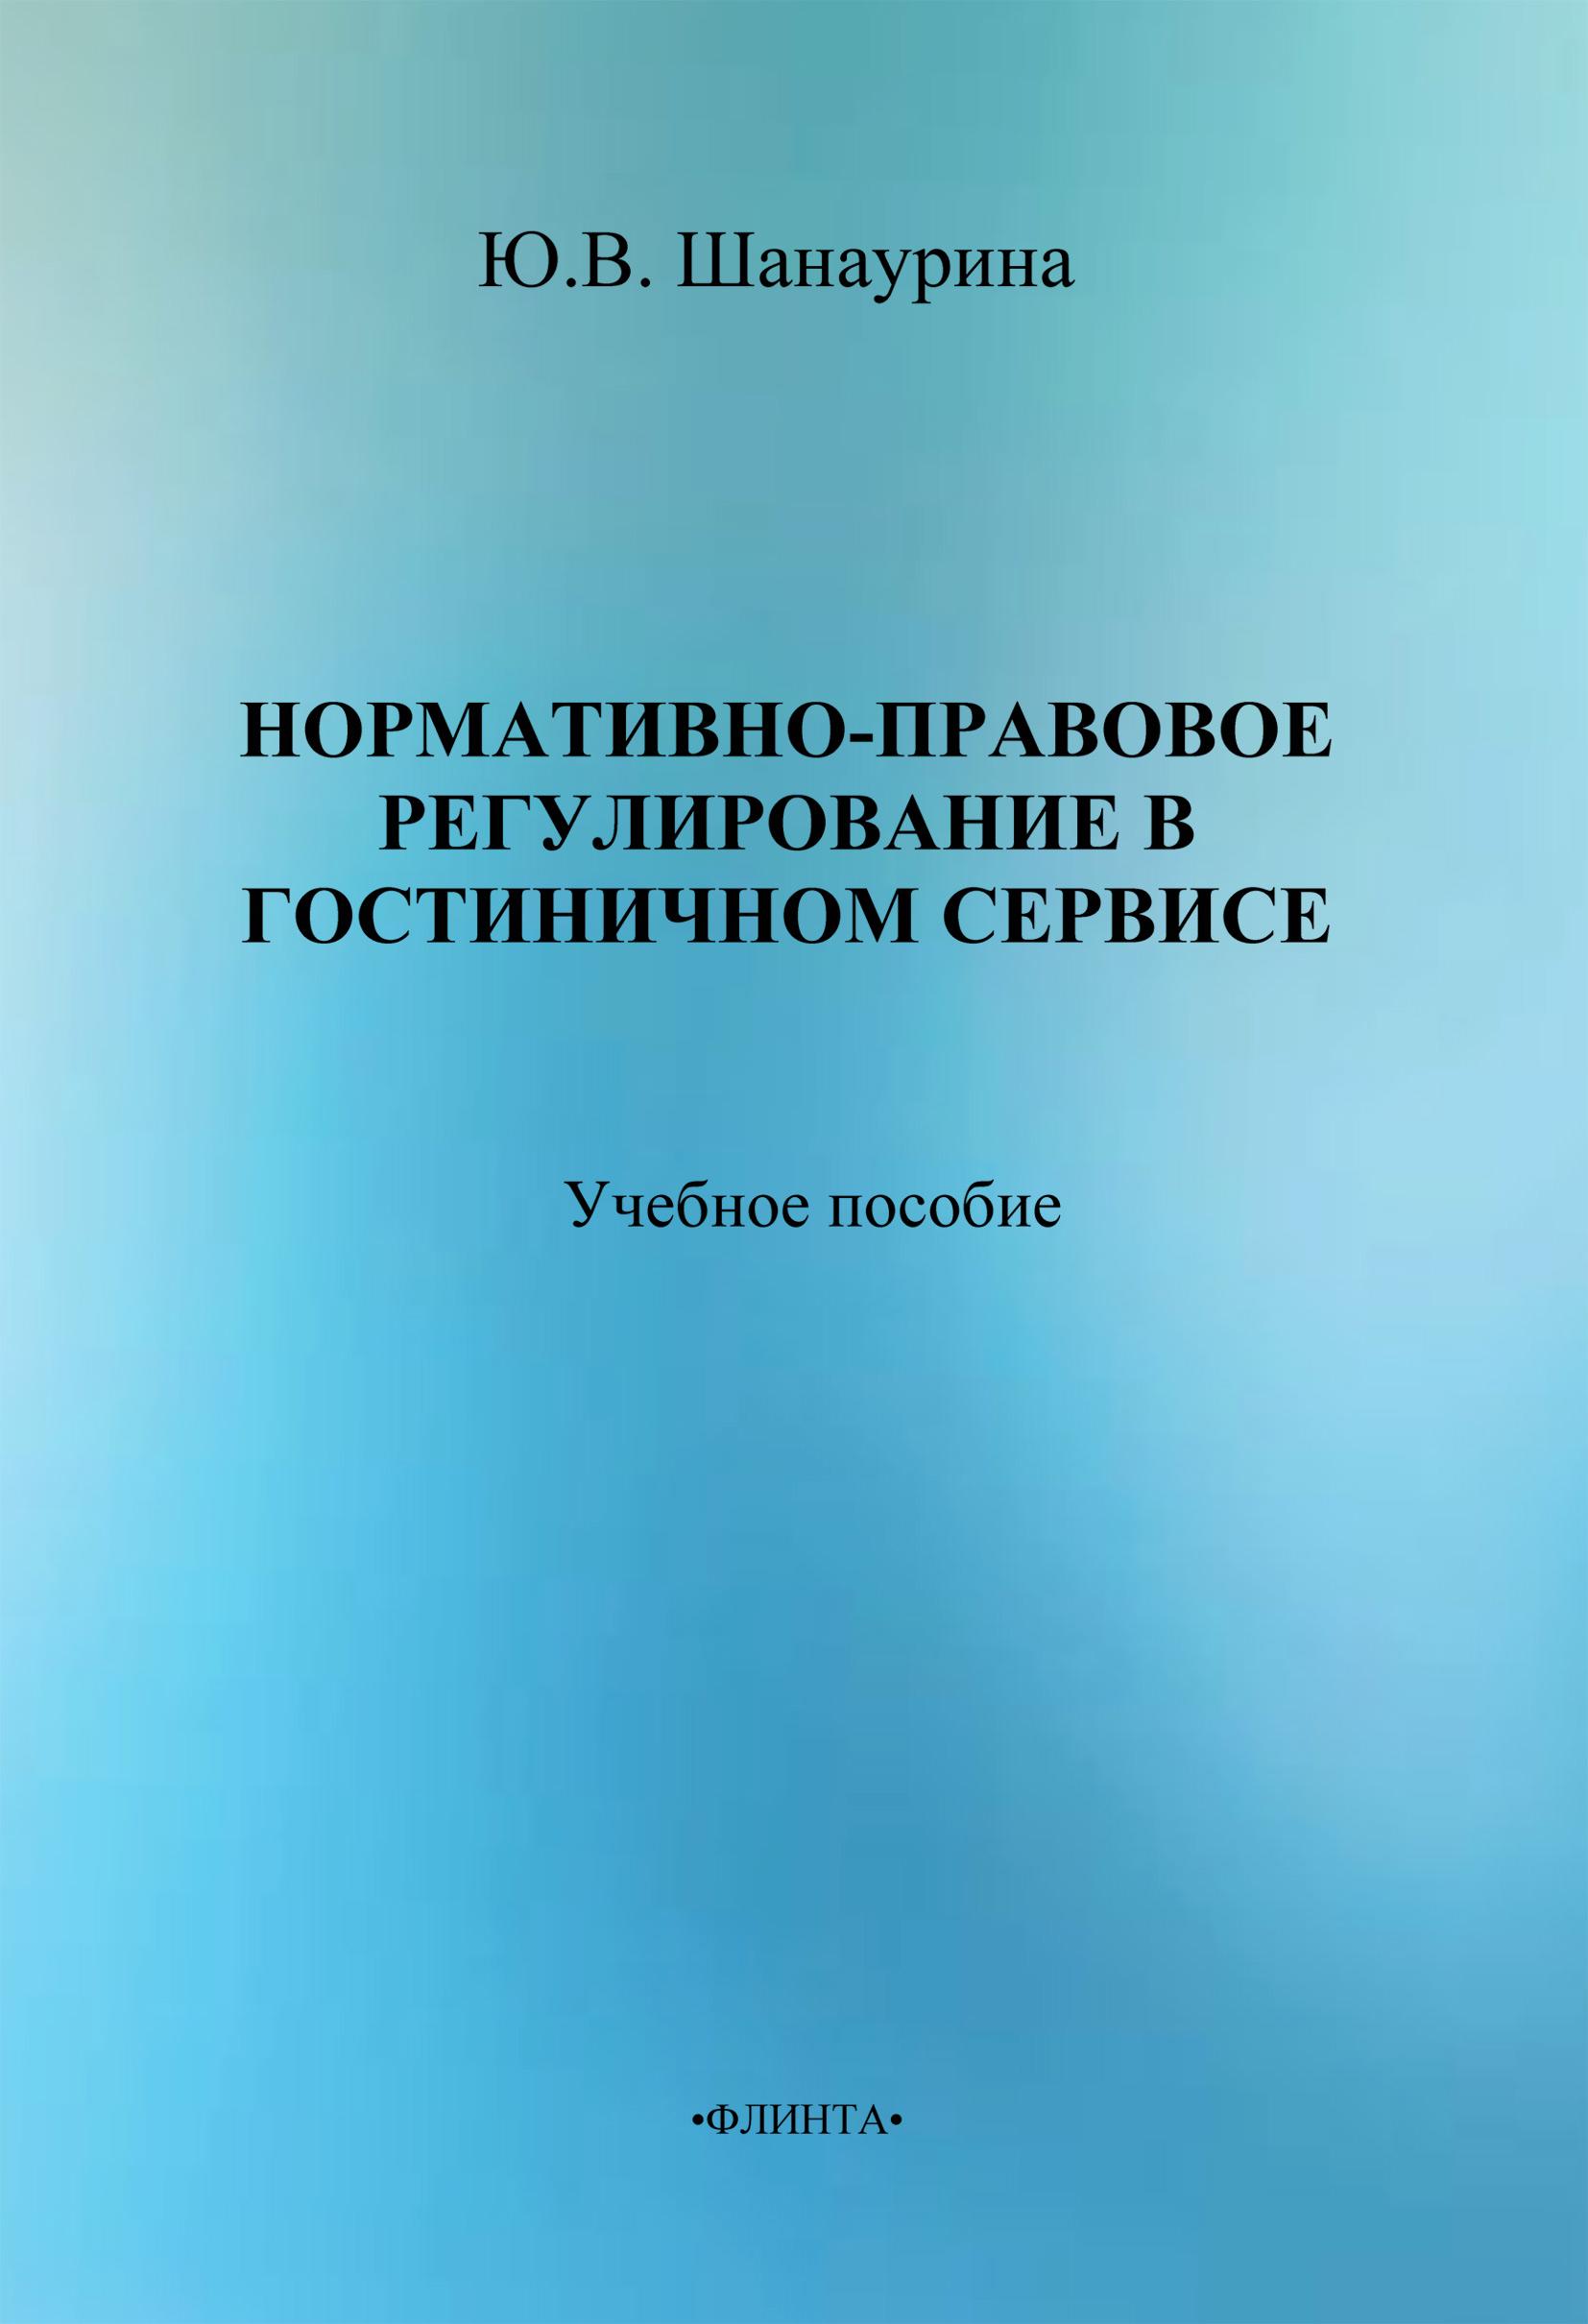 Ю. В. Шанаурина Нормативно-правовое регулирование в гостиничном сервисе цена